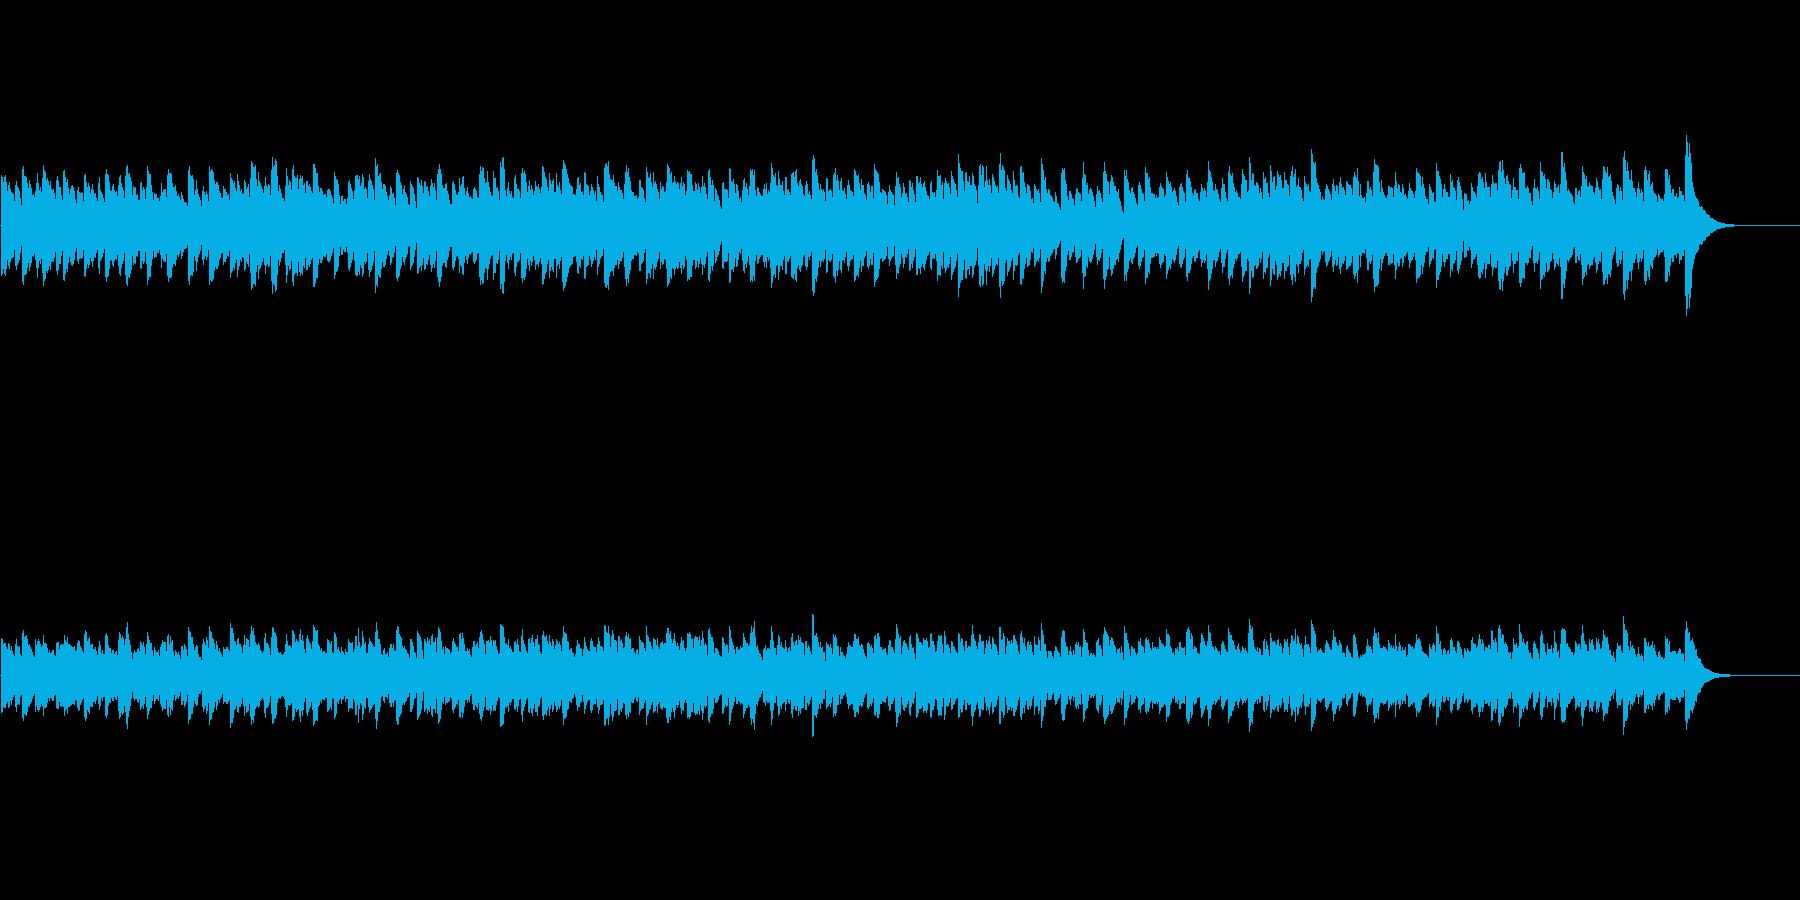 バロック調キラキラヒーリング曲の再生済みの波形